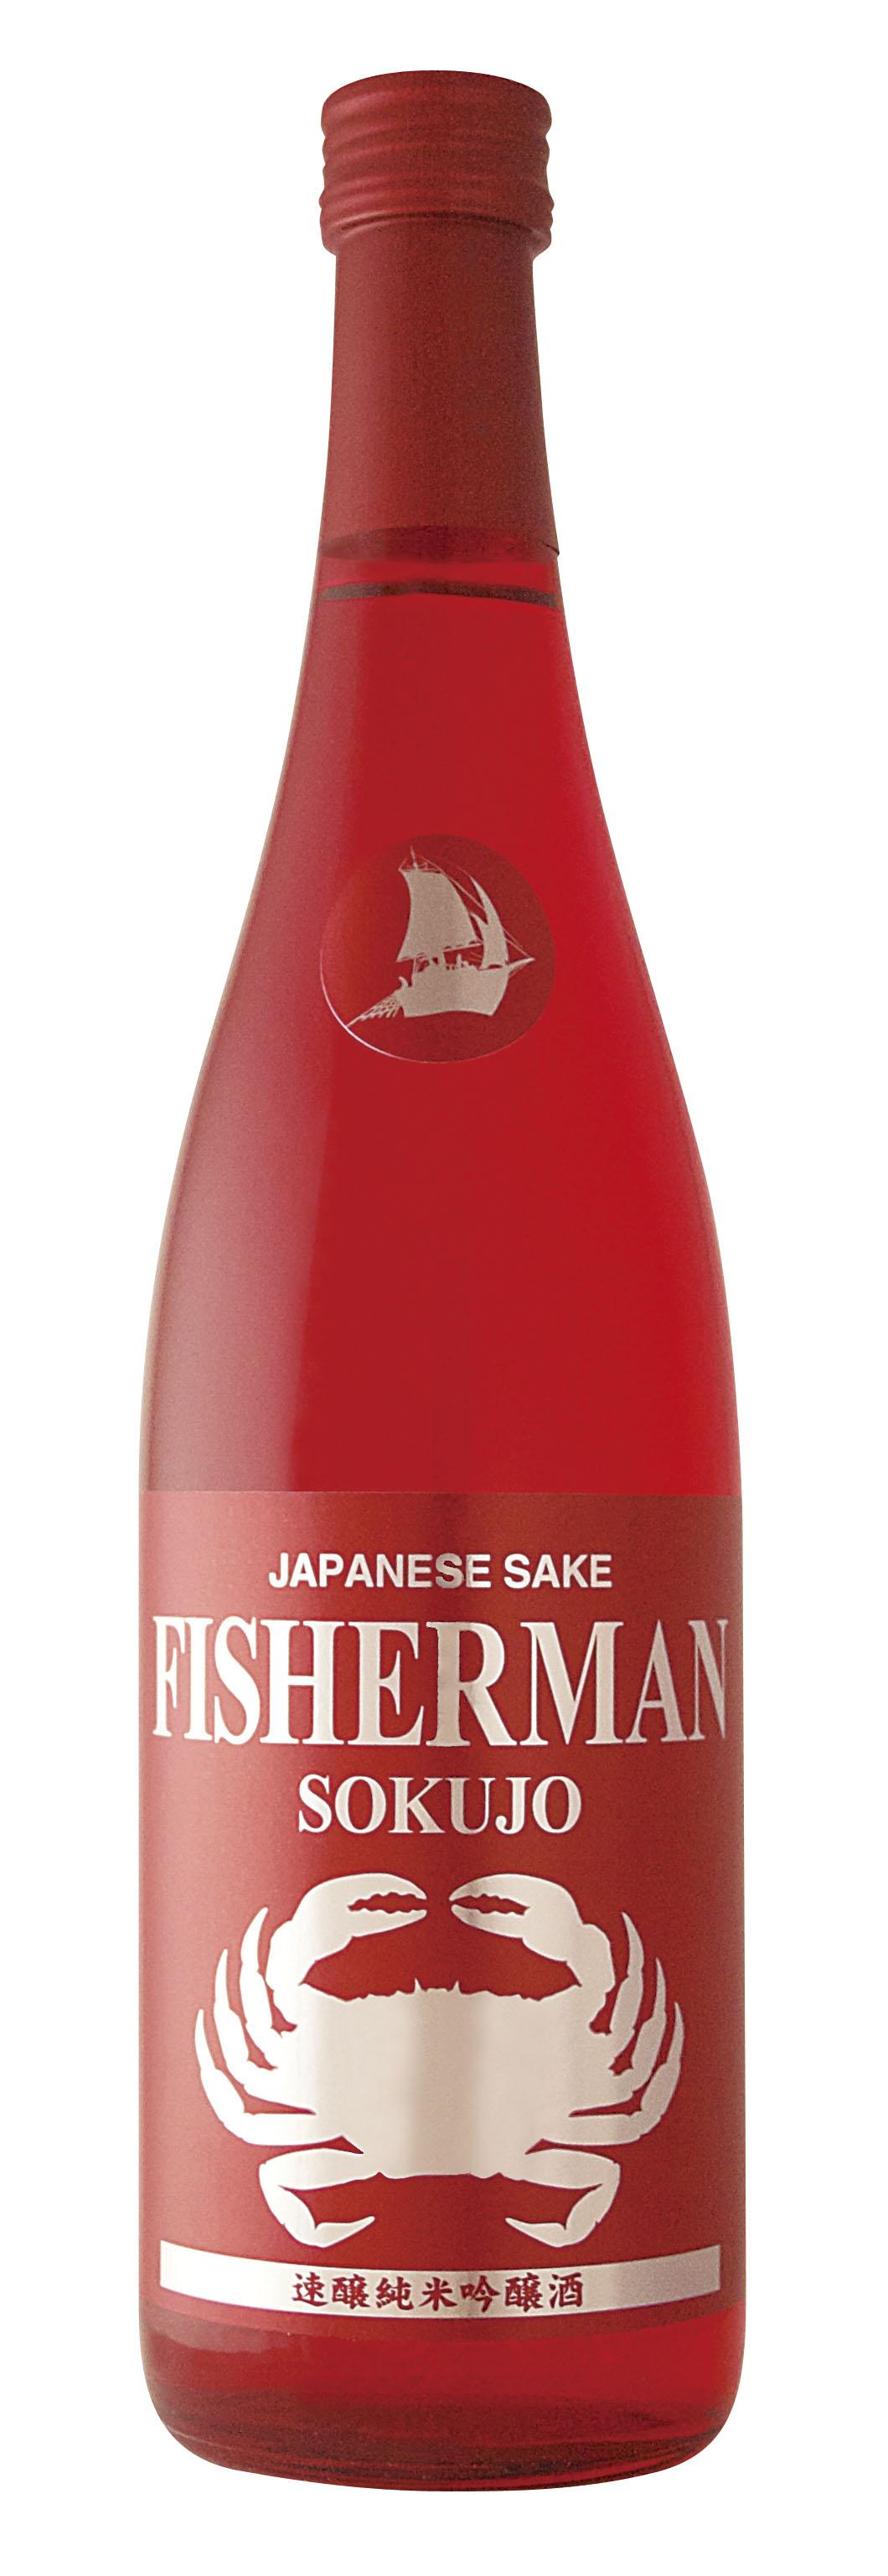 Fisherman sake